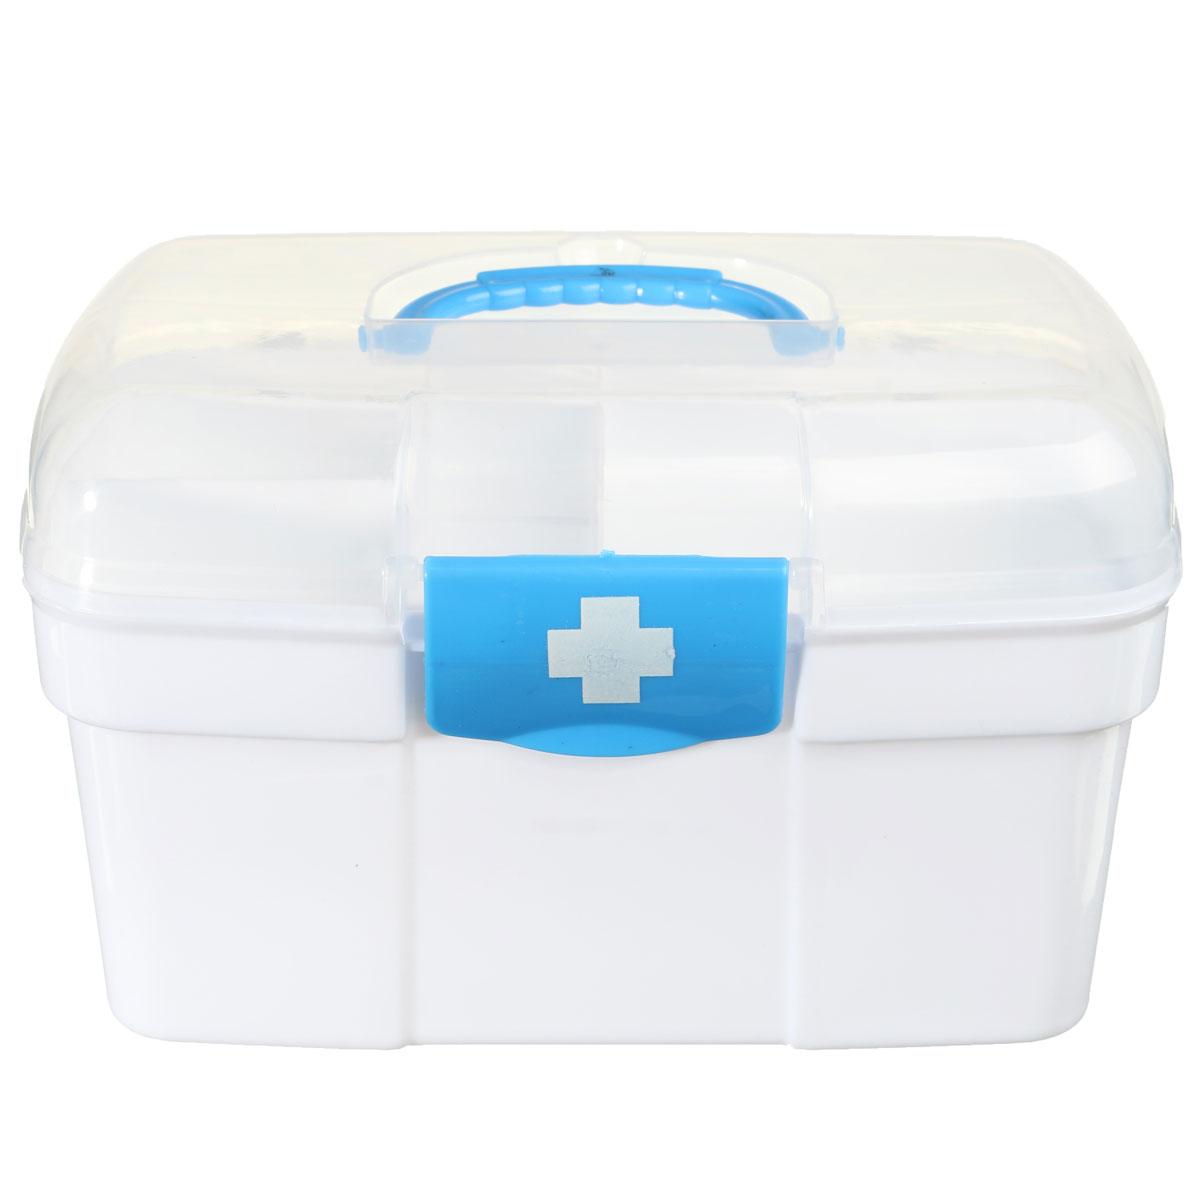 NOVA Safurance 2 Camadas armário de Remédios Em Casa Kit de Primeiros Socorros de Plástico Titular Caixa de Armazenamento de Kits De Emergência de Segurança de Segurança